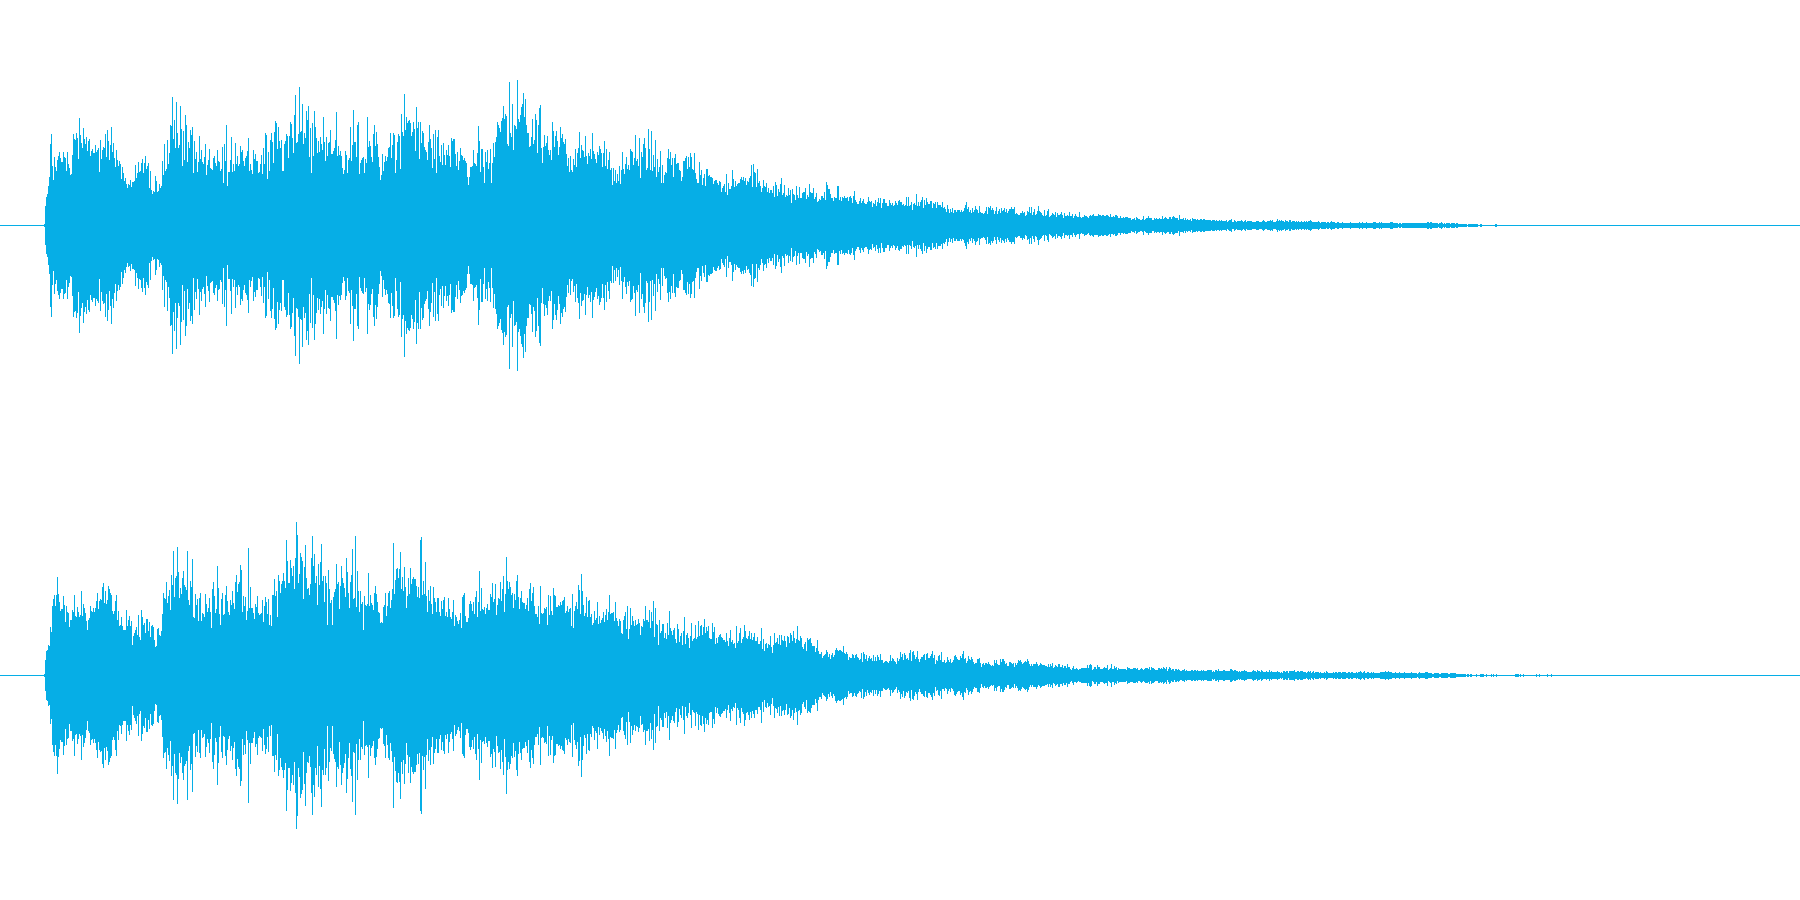 チャイム的な音の再生済みの波形